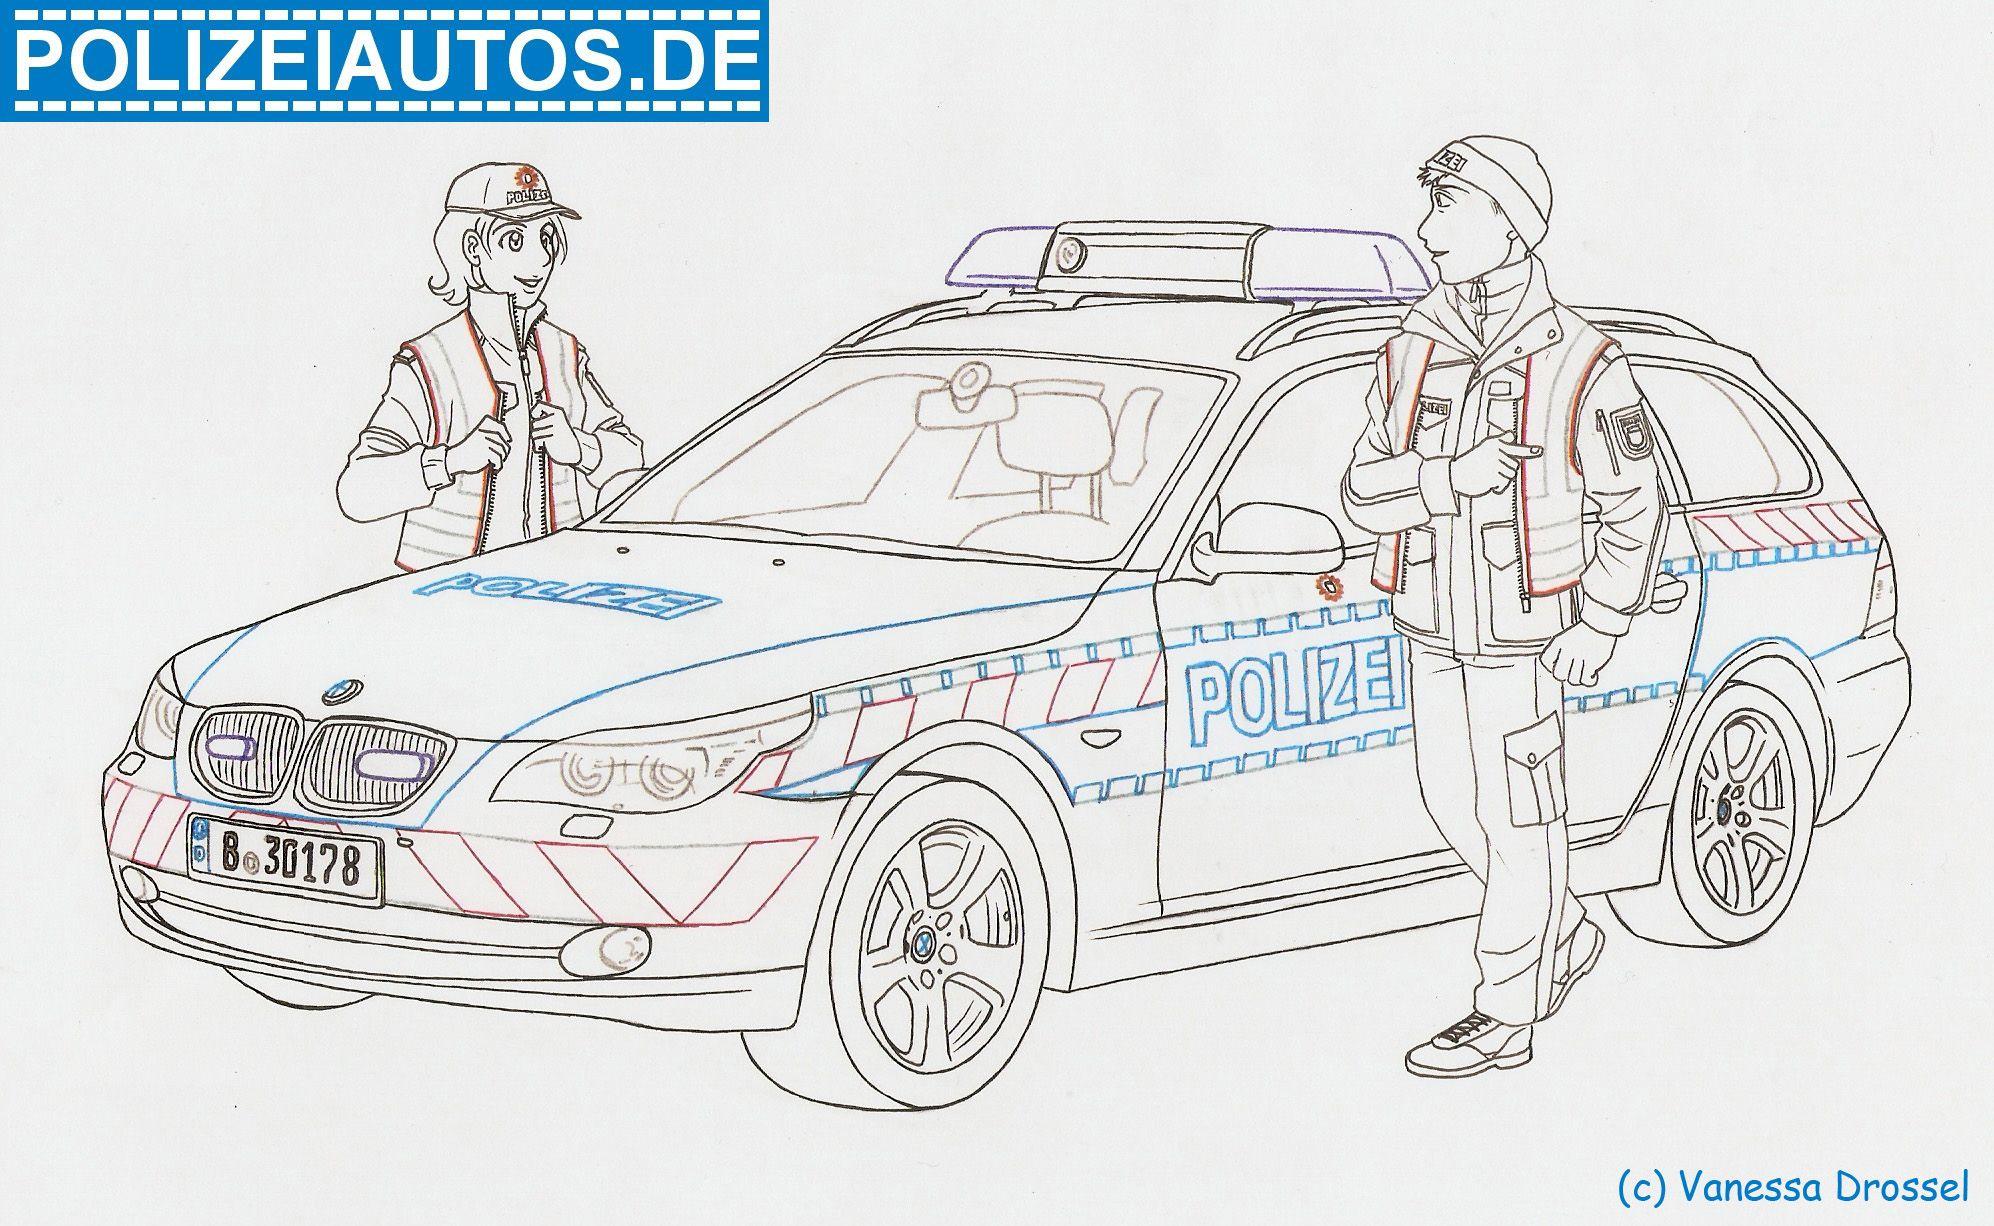 Ausmalbild Polizei 73 Malvorlage Polizei Ausmalbilder innen Ausmalbilder Polizei